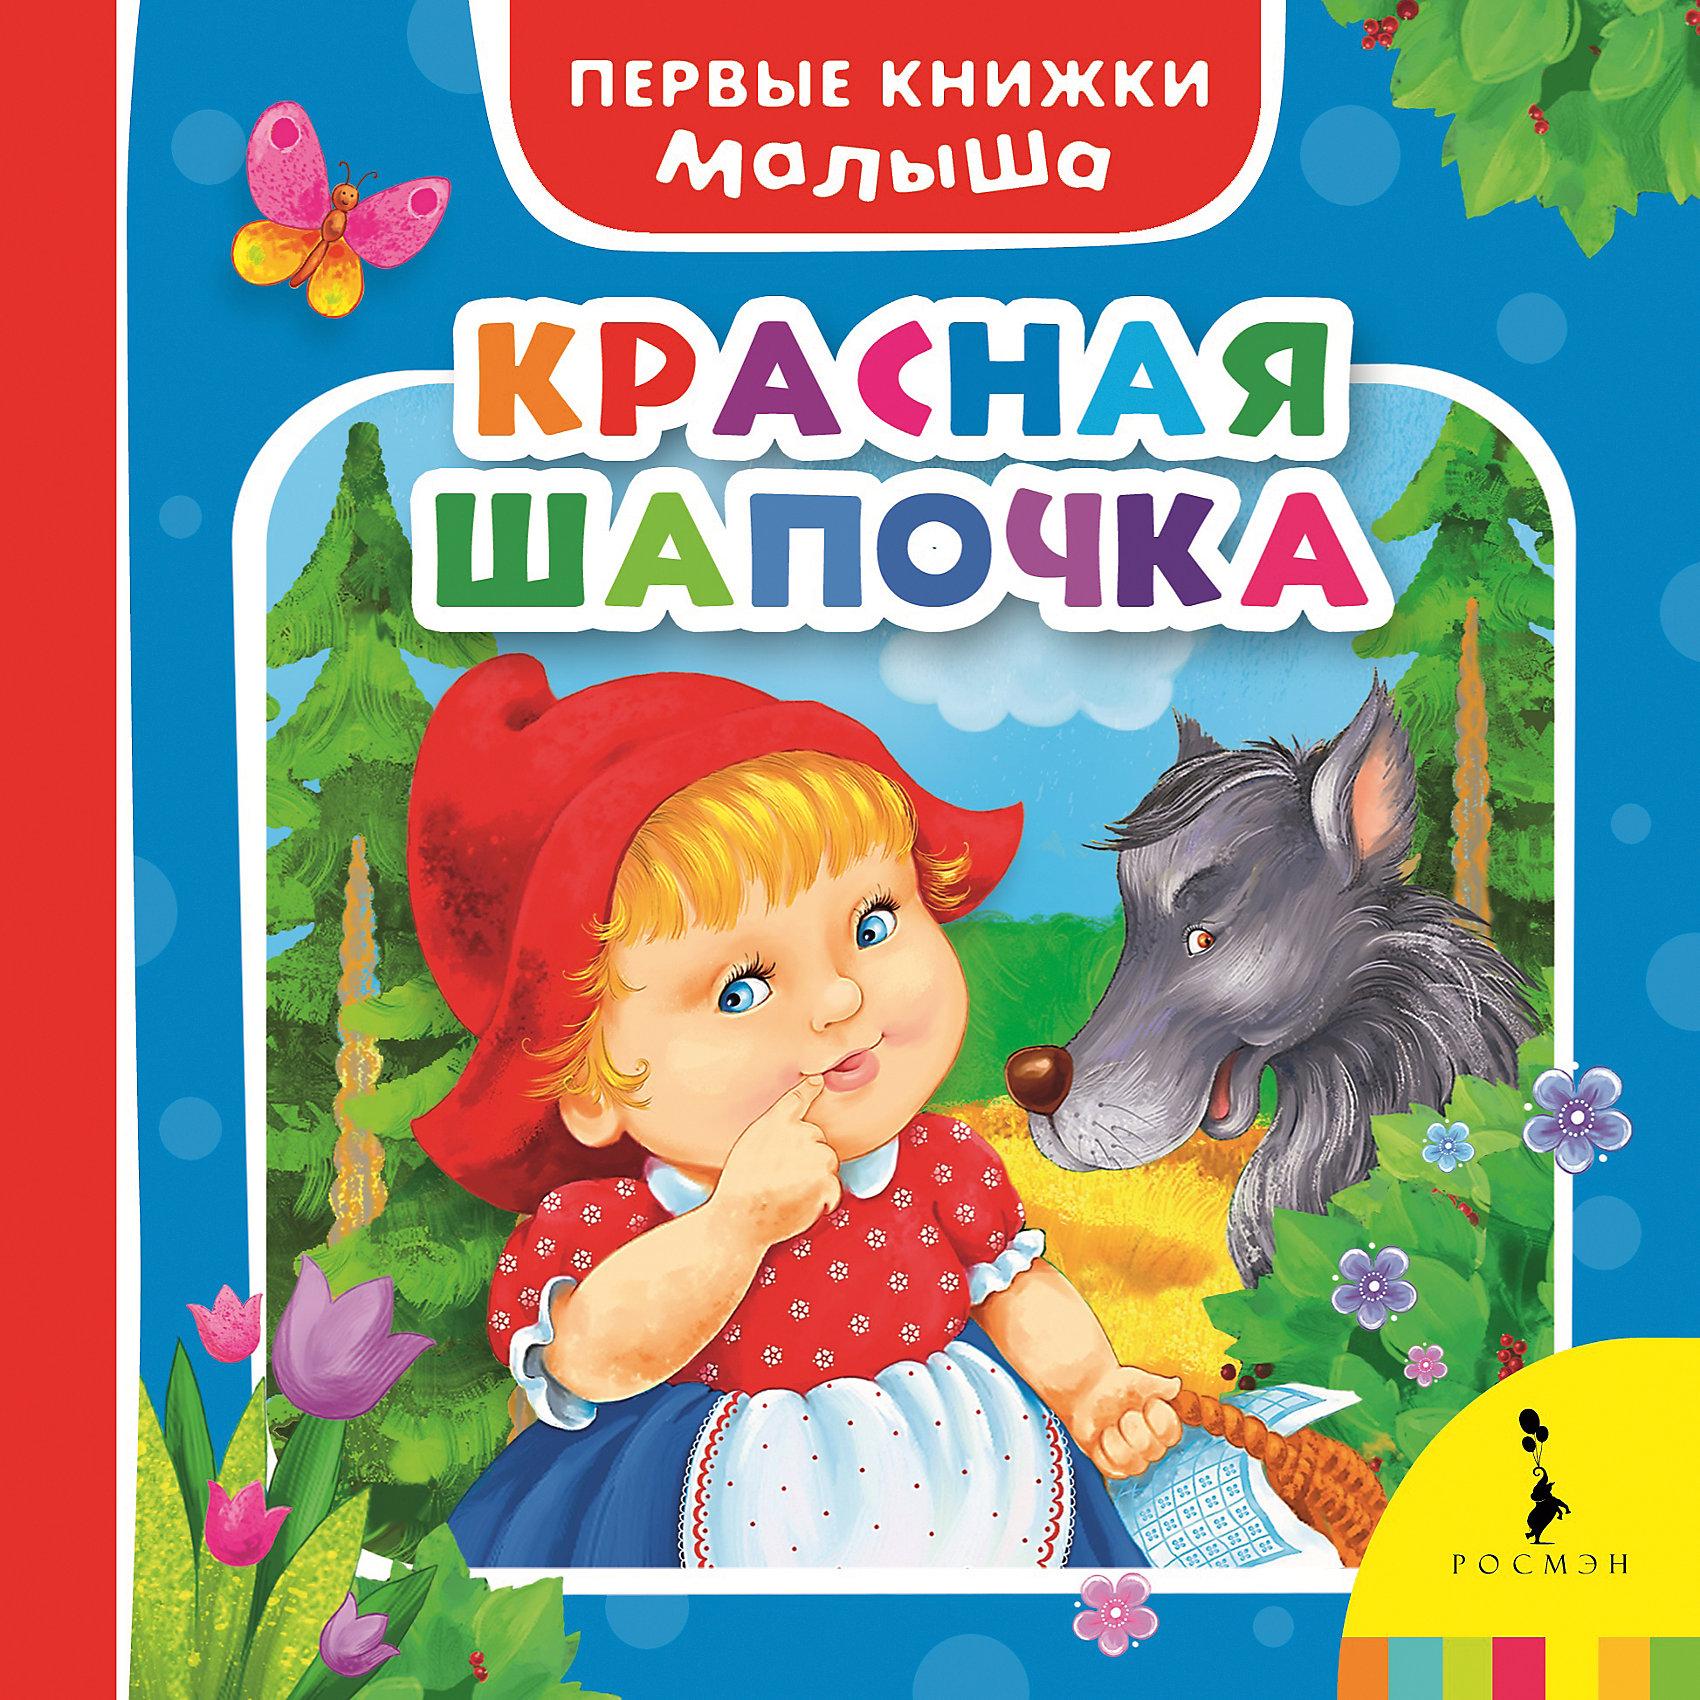 Красная шапочка, серия Первые книги малышаШарль Перро<br>Серия Первые книжки малыша - это лучшие произведения для самых маленьких. Любимые русские и зарубежные сказки,  хорошие стихи, весёлые загадки и потешки. Красивые иллюстрации и удобный формат.<br><br>Ширина мм: 165<br>Глубина мм: 165<br>Высота мм: 20<br>Вес г: 342<br>Возраст от месяцев: 0<br>Возраст до месяцев: 36<br>Пол: Унисекс<br>Возраст: Детский<br>SKU: 5076562